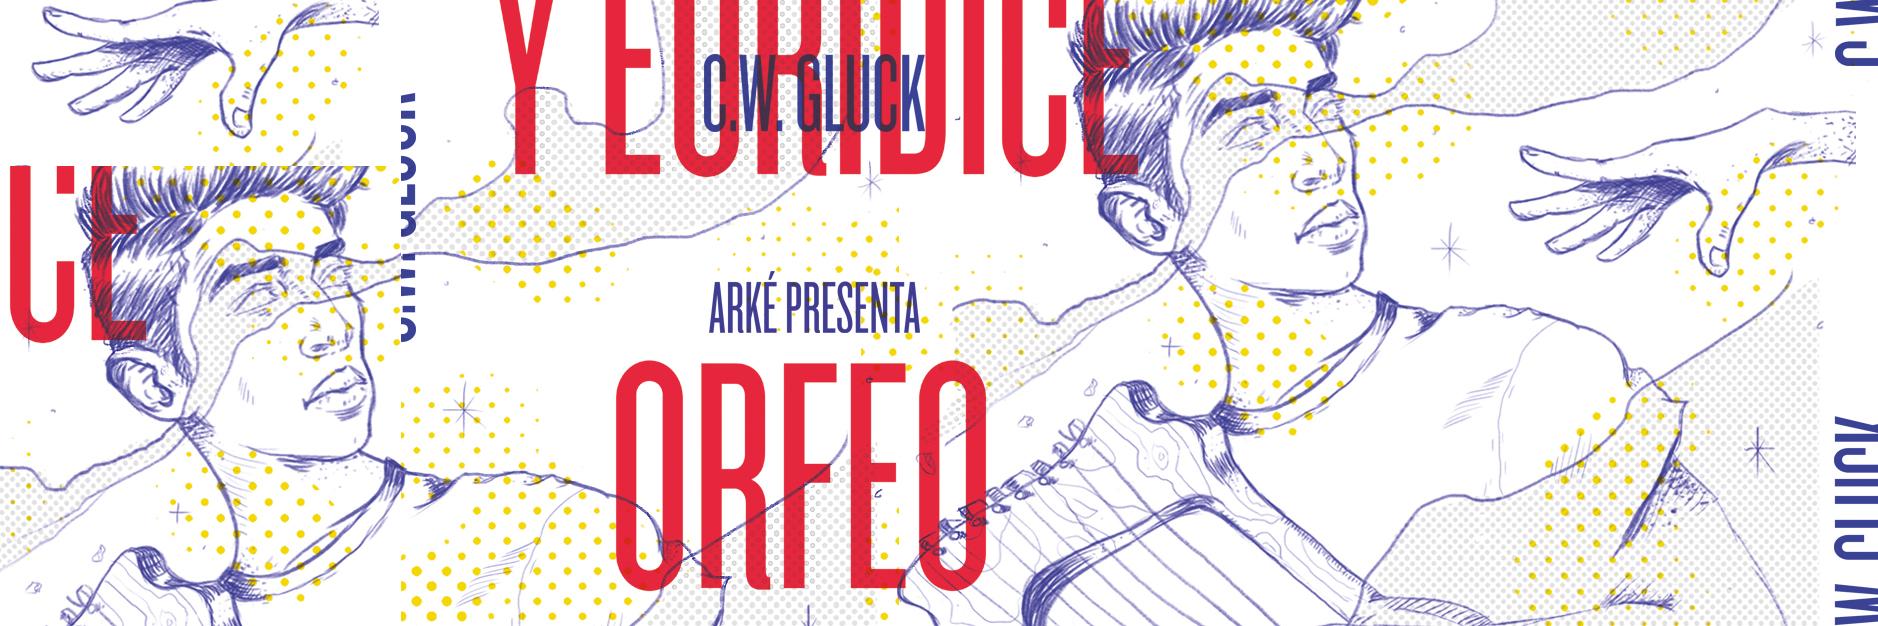 Teatro Principal orfeo Y Euridice